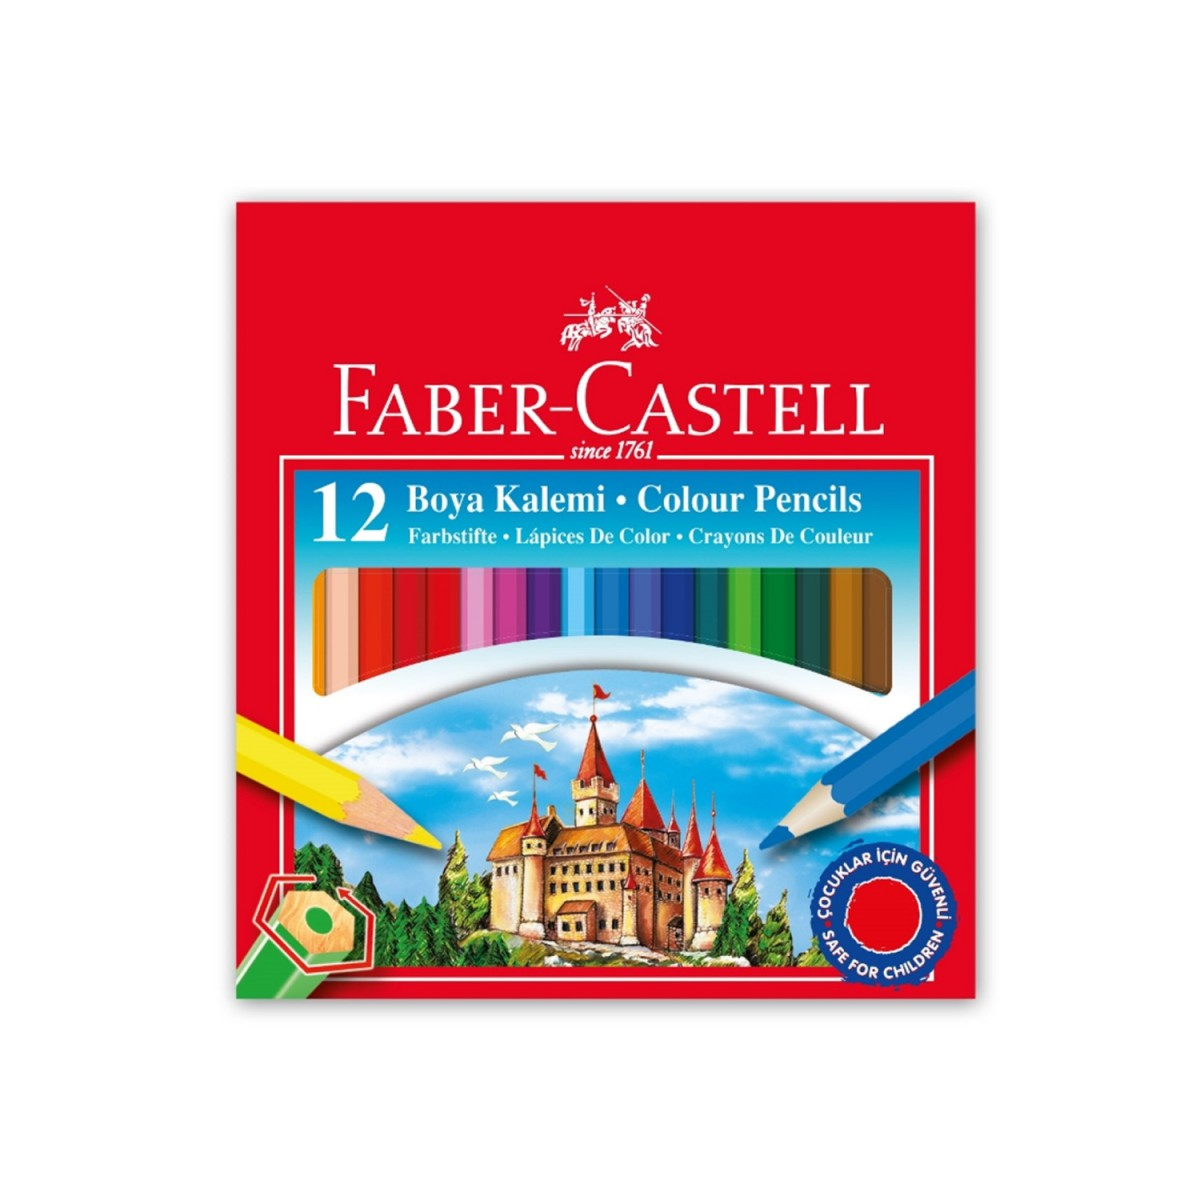 Faber Castell 12 Renk Yarım Boy Karton Kutu Boya Kalemi